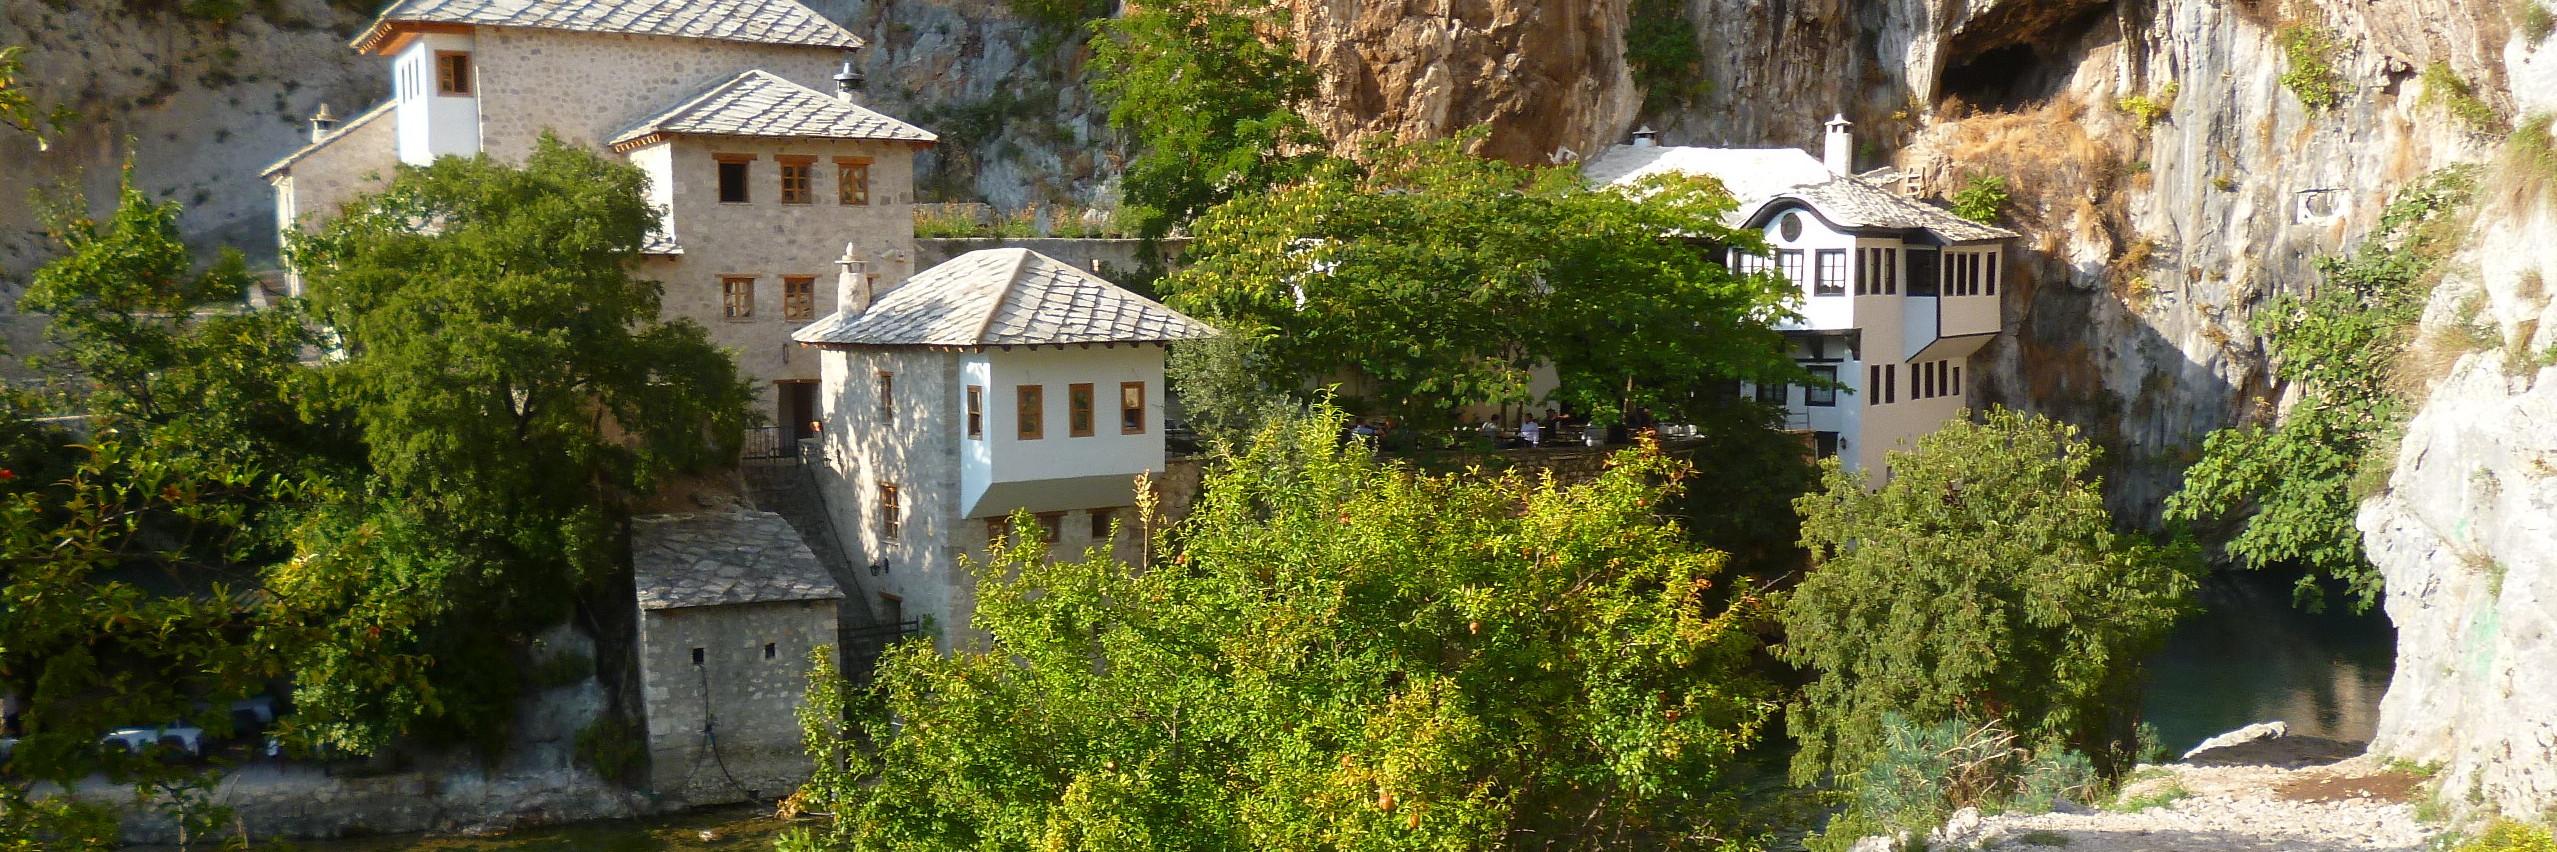 Экскурсия по Герцеговине: Благай, Почитель, Кравица